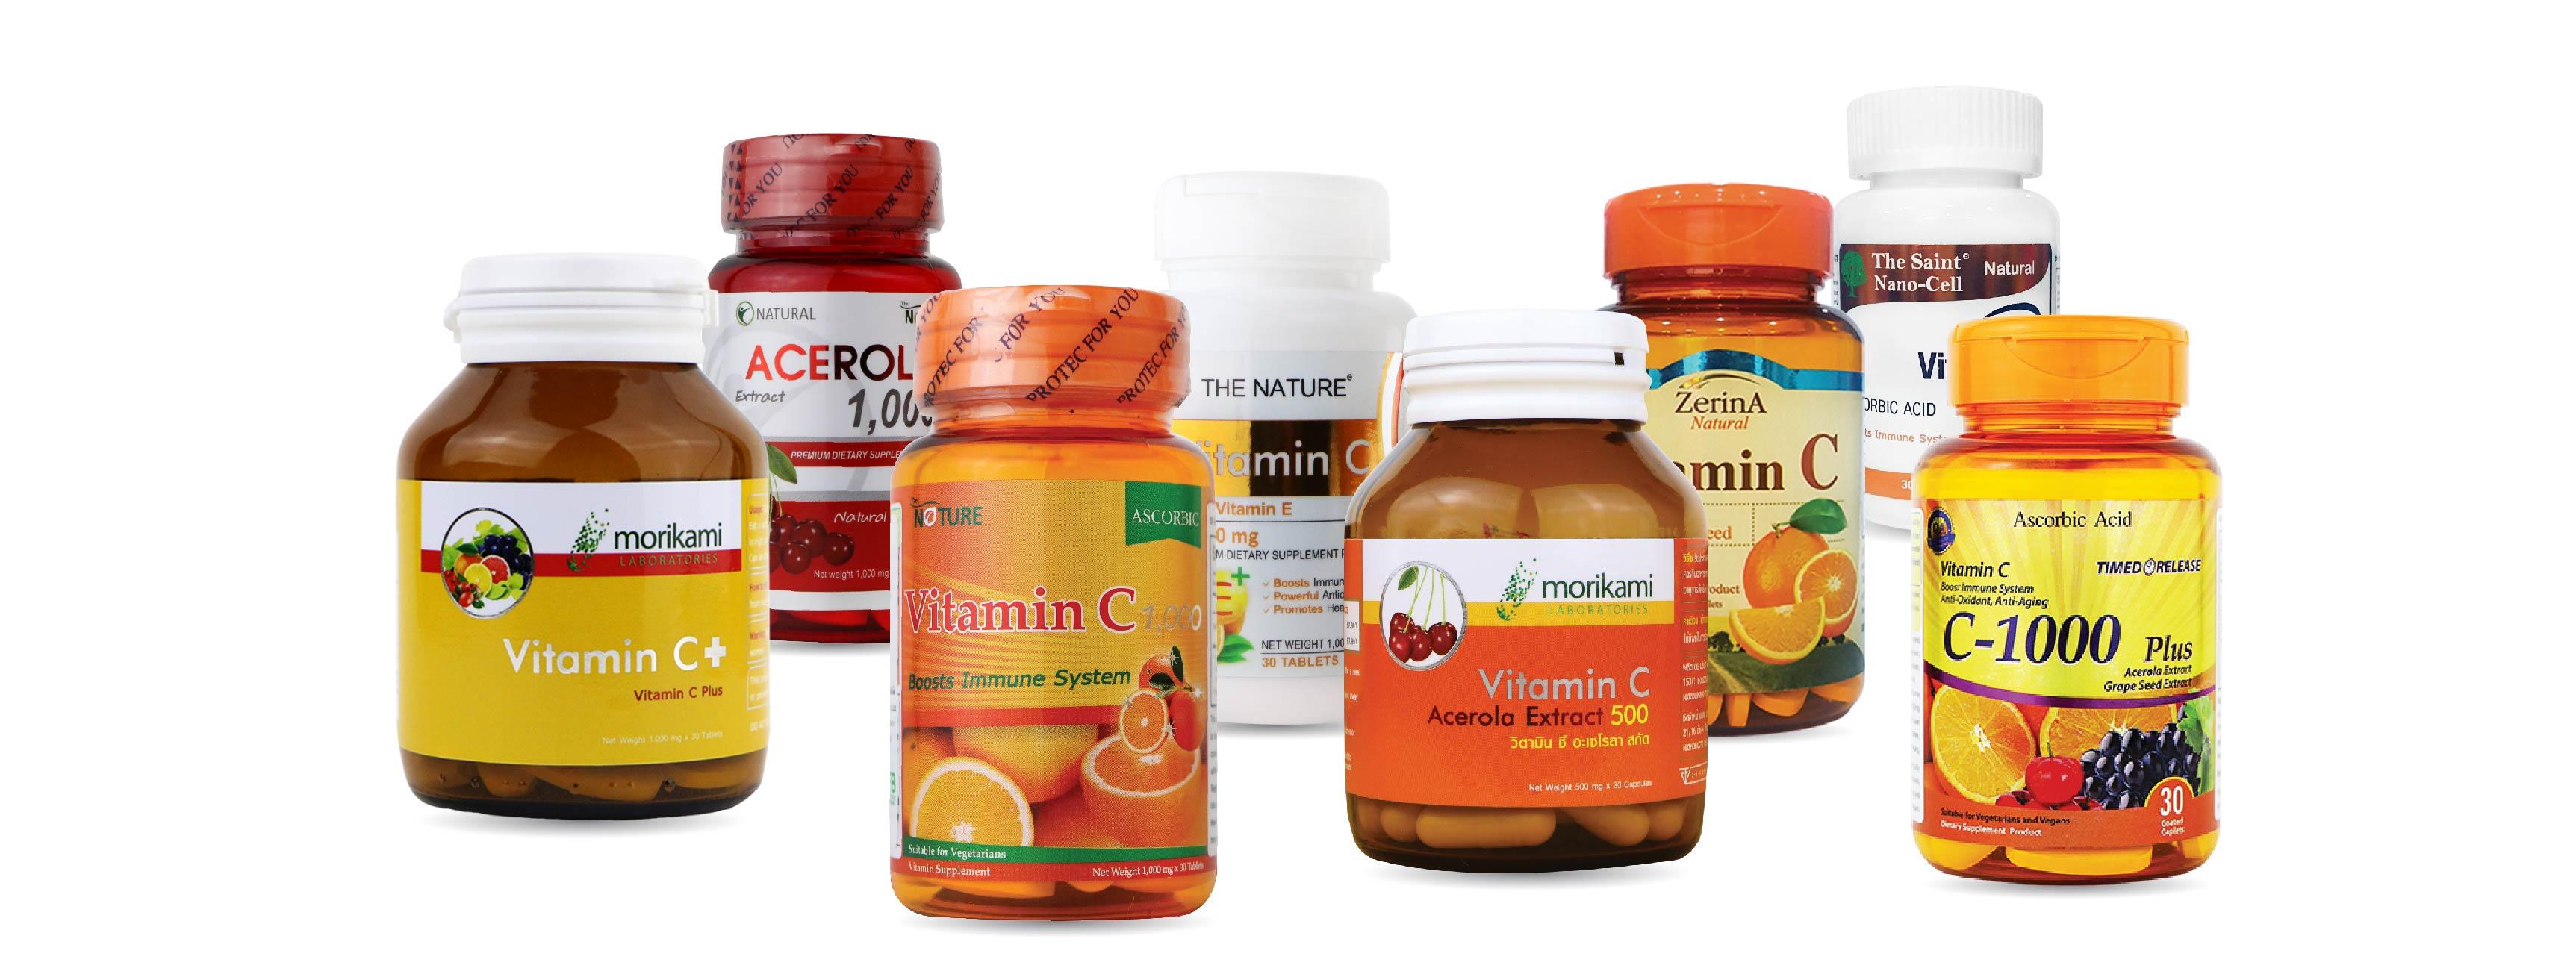 ขายส่งวิตามินซี-วิตามินซีขายส่ง-Vitamin-C